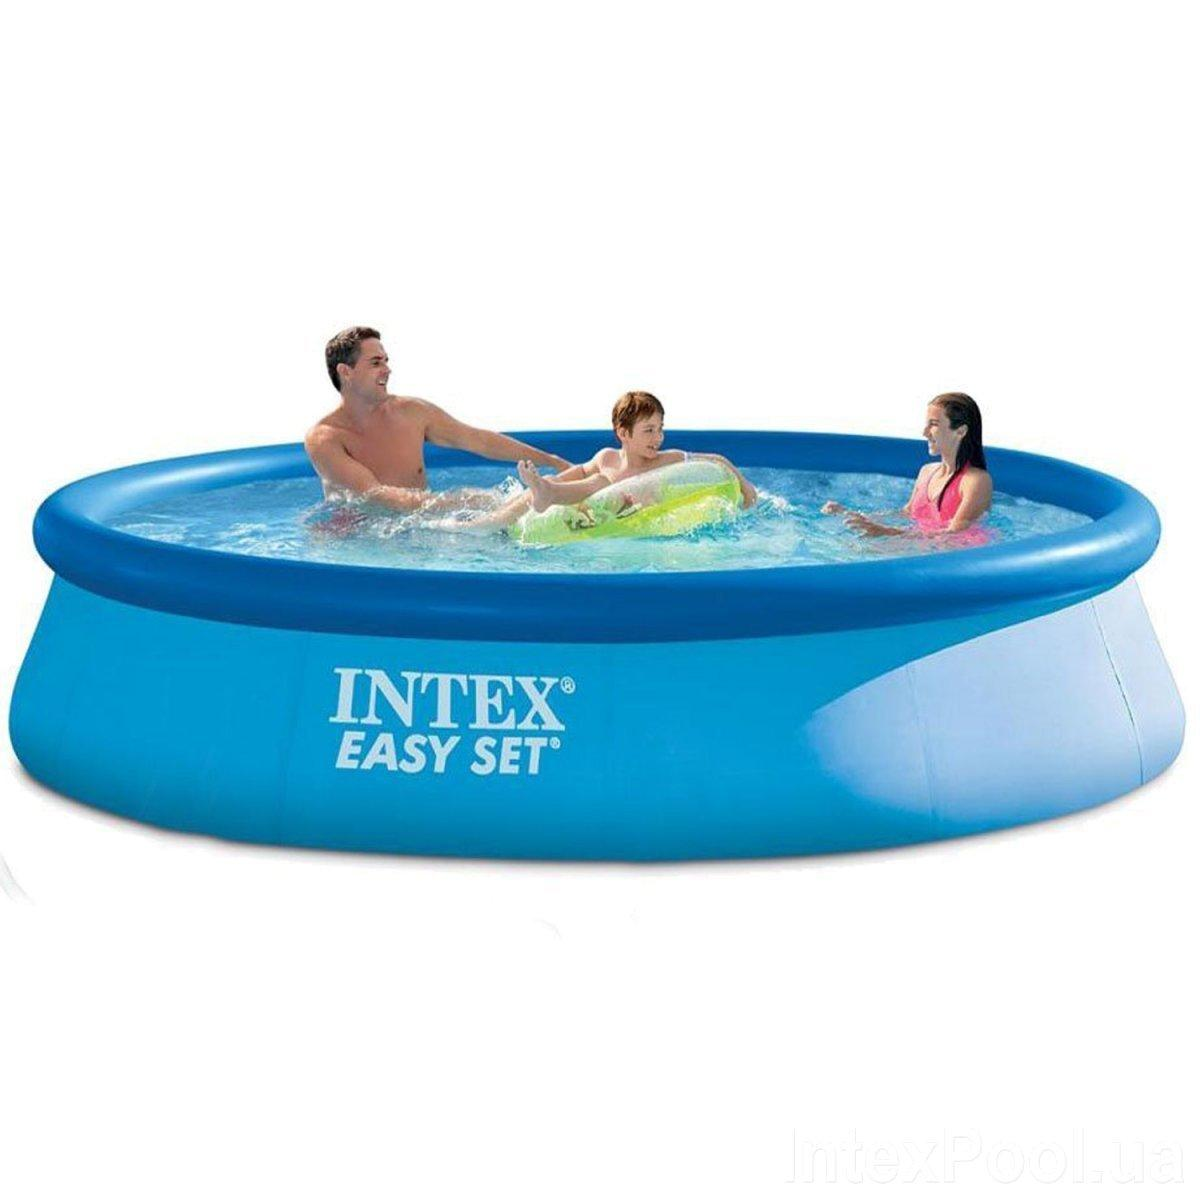 Семейный надувной бассейн для отдыха Intex 28143 (396*84 см)